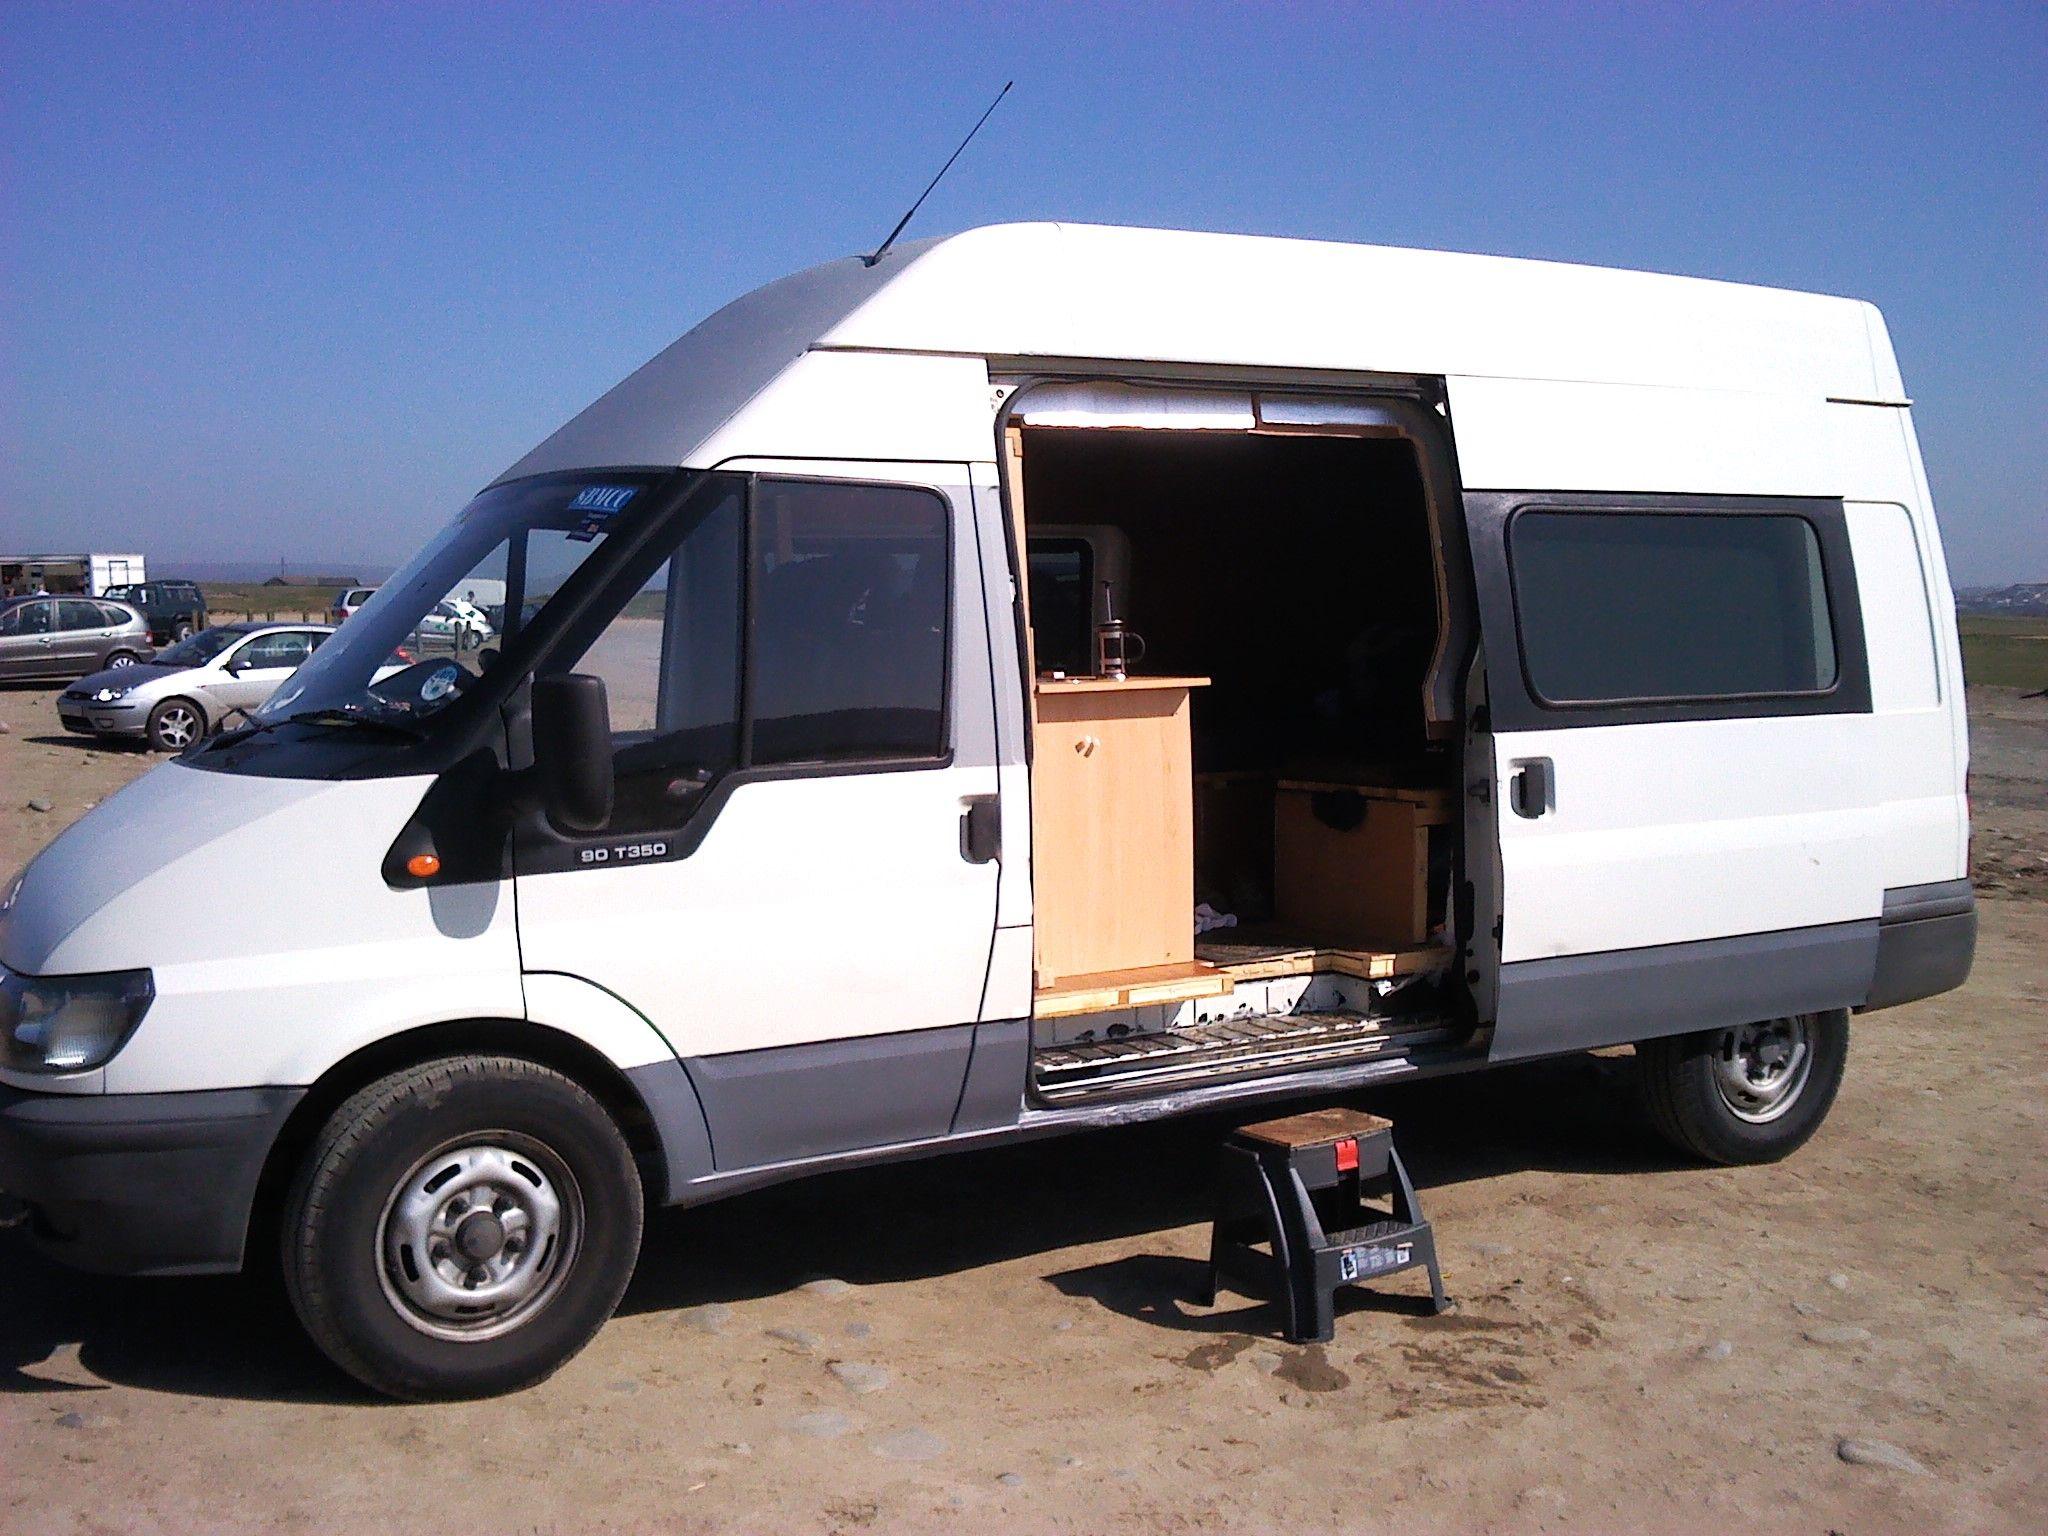 ford transit camper aa van dwelling pinterest camper motorhome and camper van. Black Bedroom Furniture Sets. Home Design Ideas